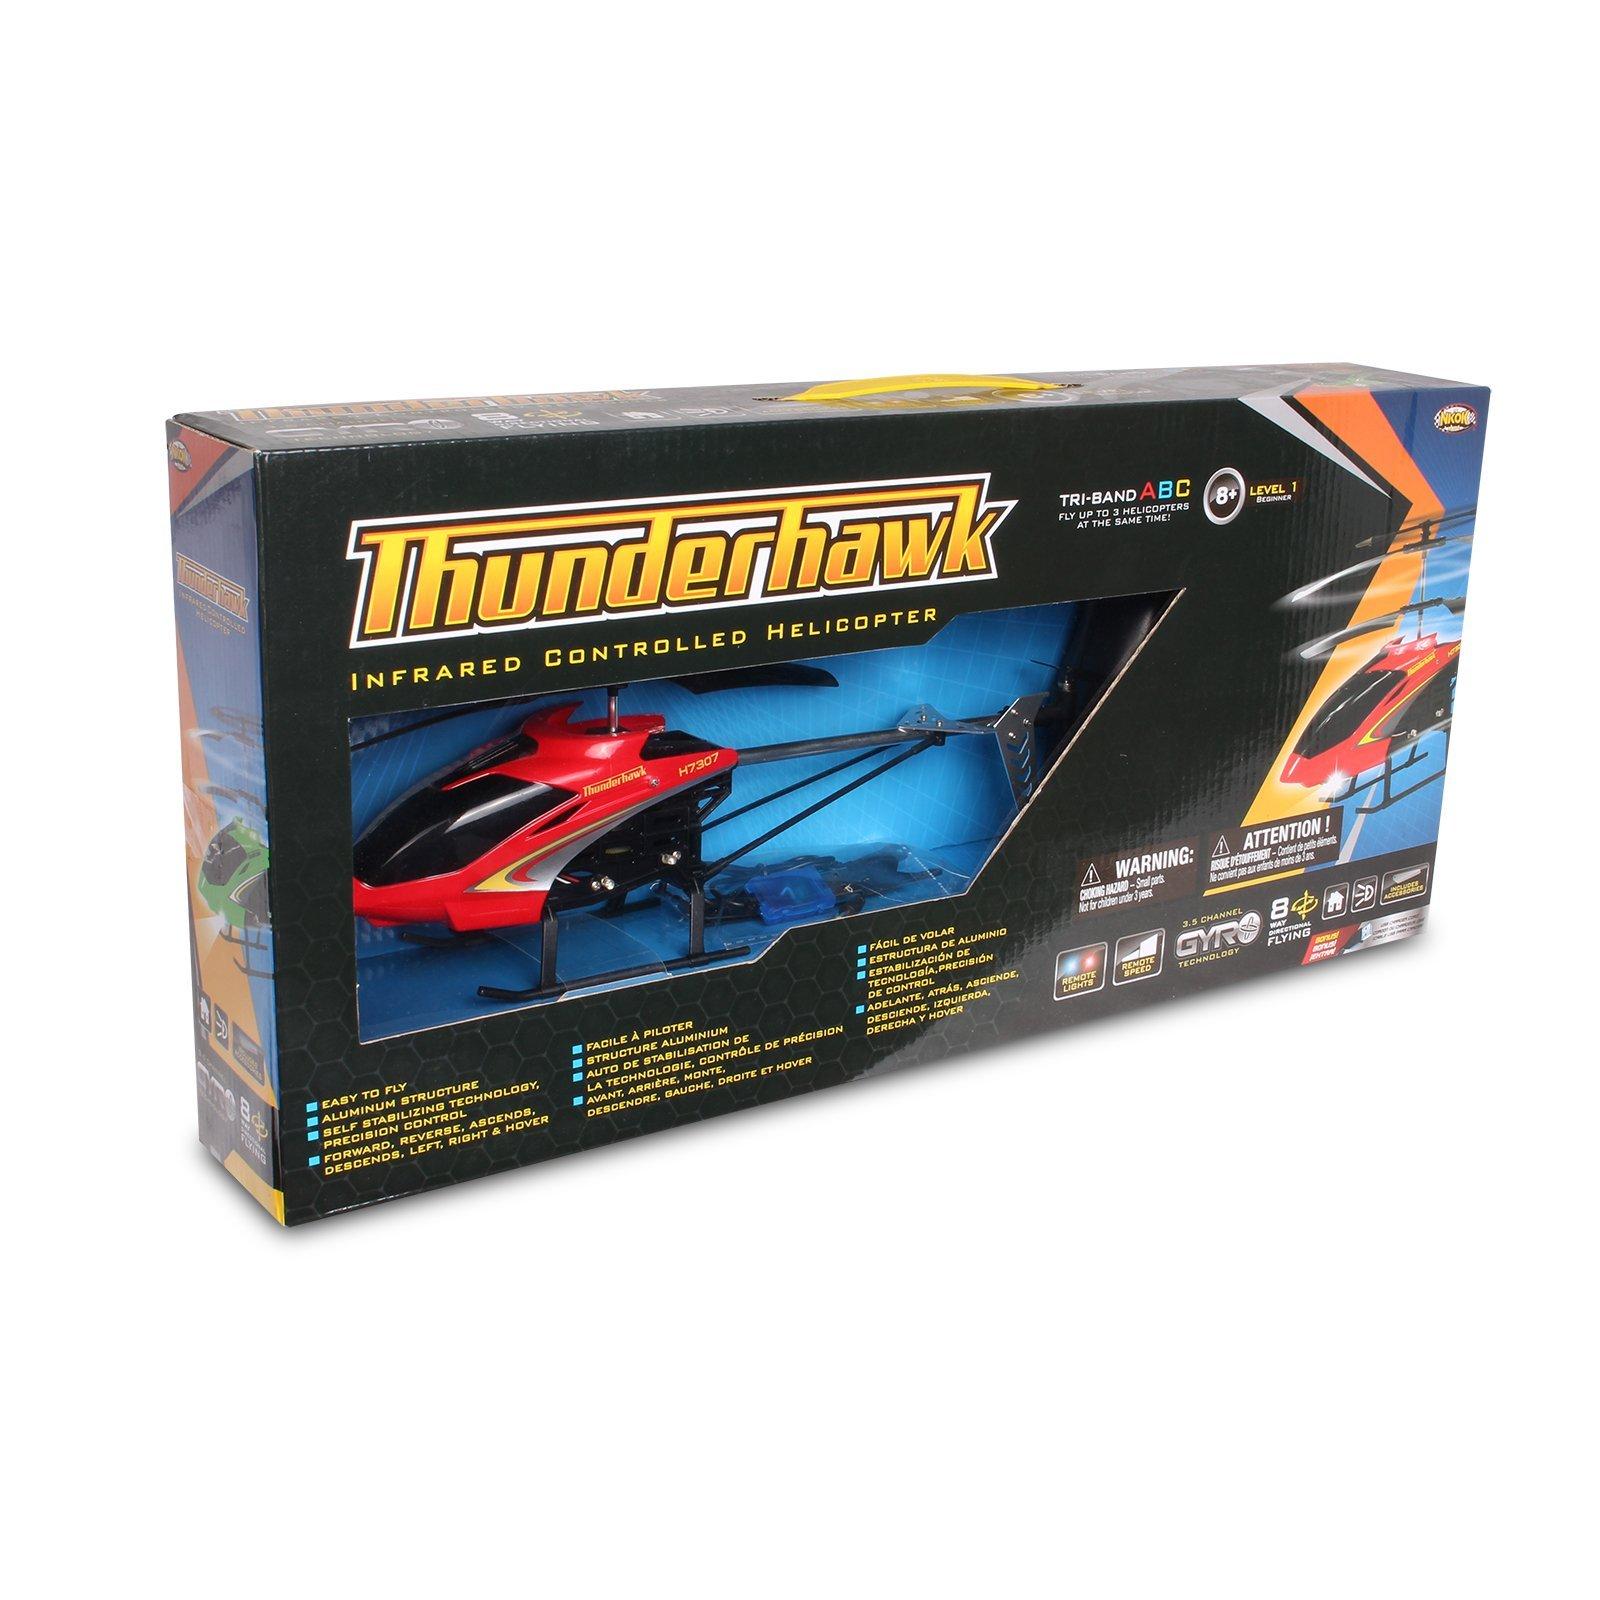 NKOK Air Banditz 3.5CH IR/USB Thunderhawk Remote Control Toy